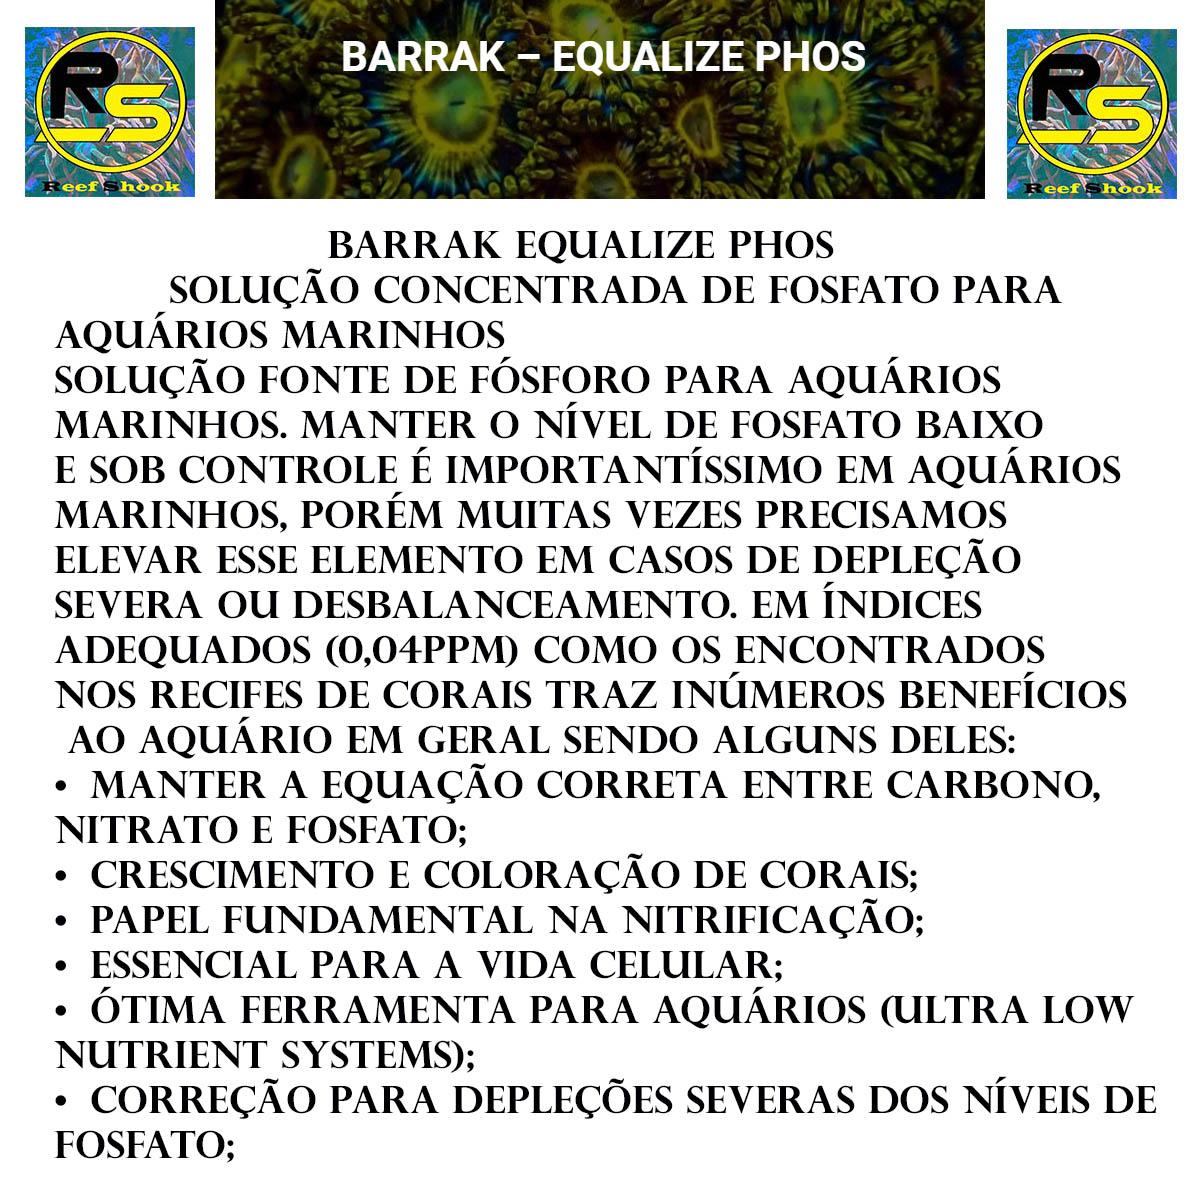 Barrak Equalize Phos Fostato para Aquario Marinho